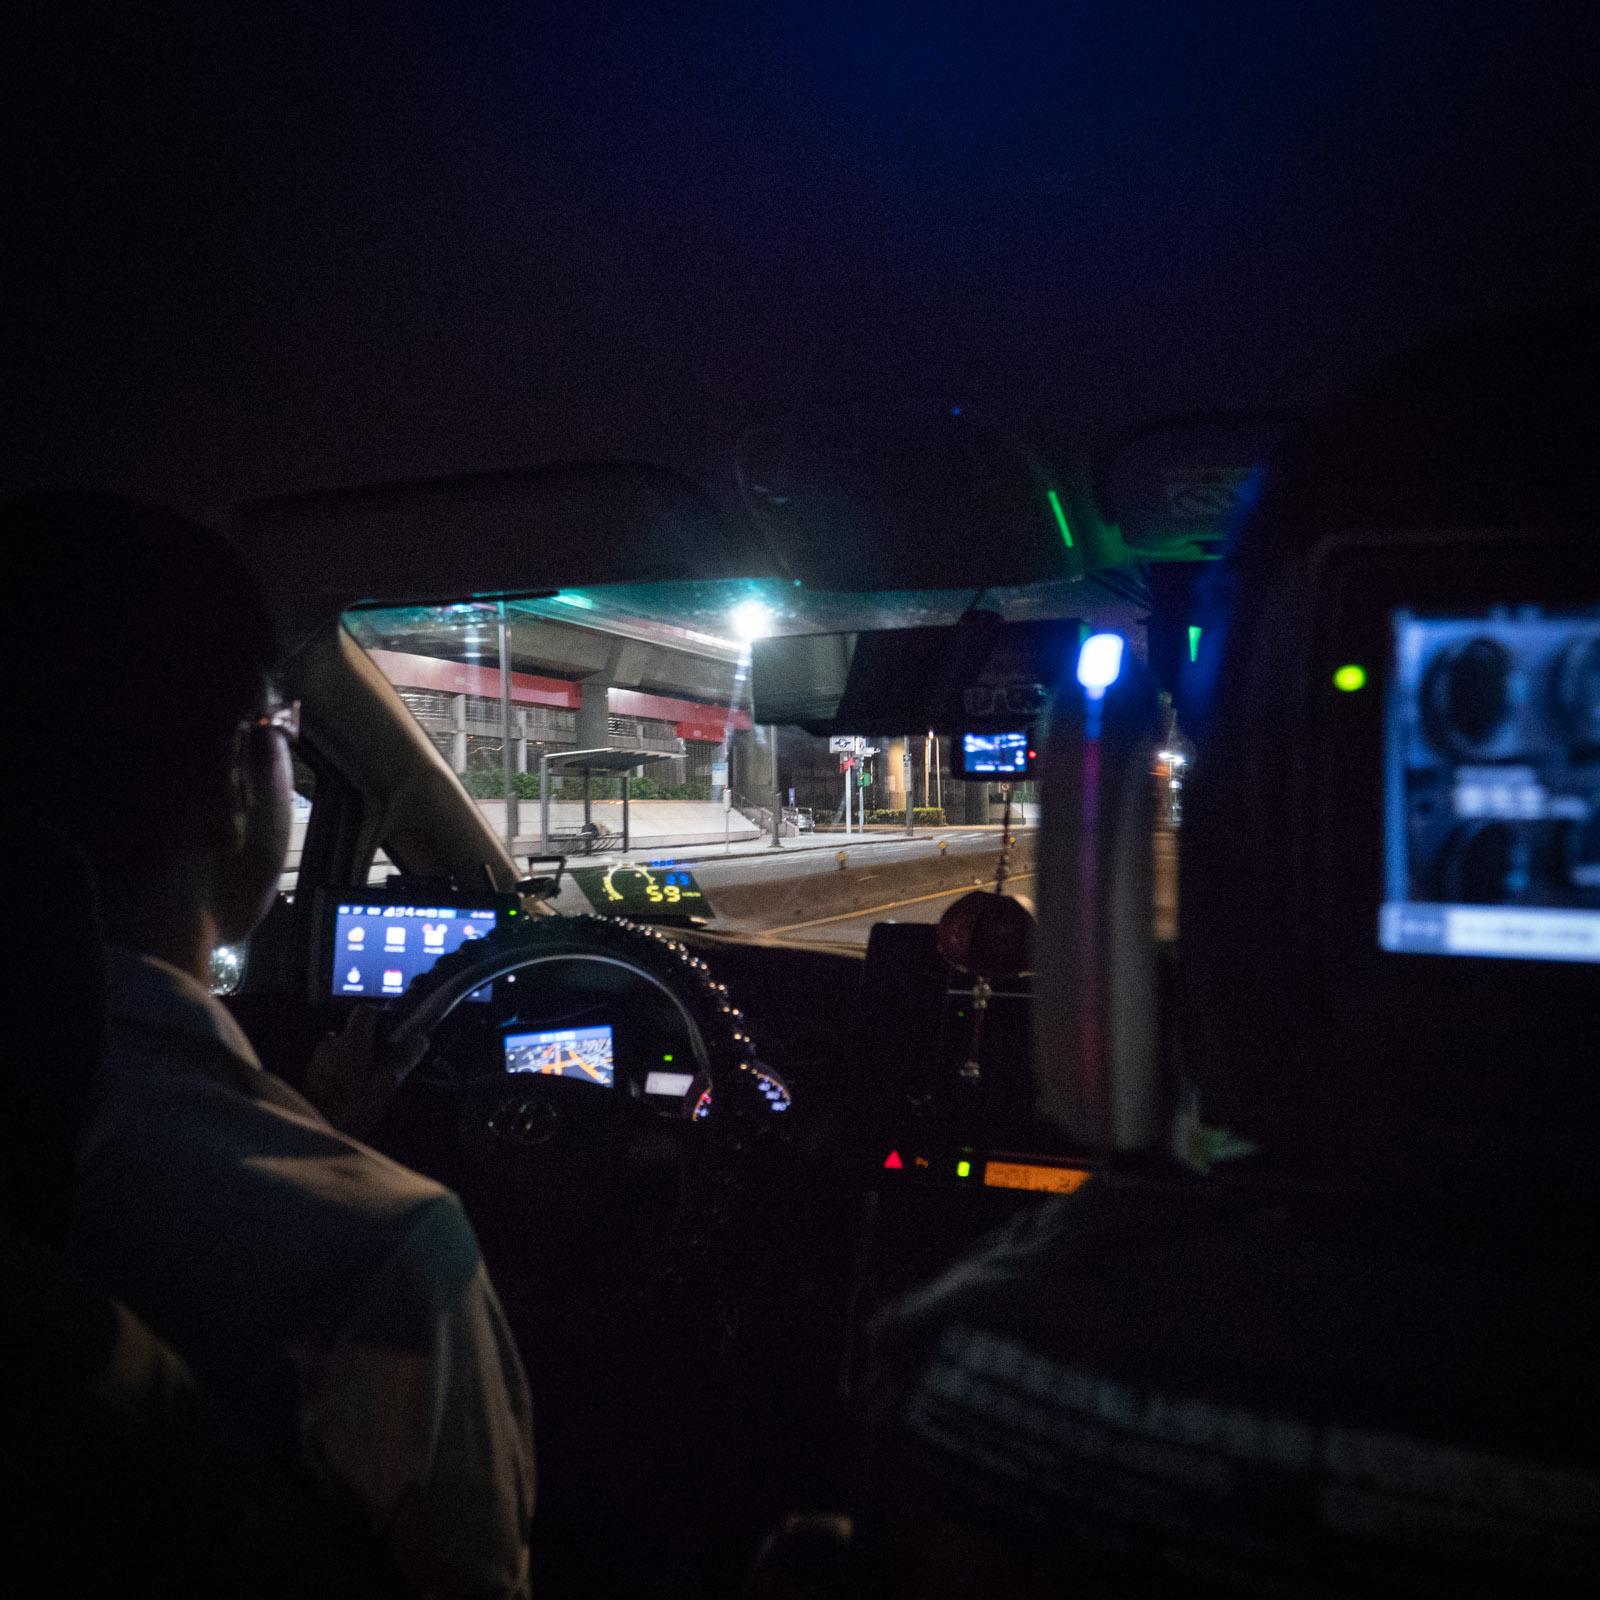 台北駅を目指して走るタクシー車内の前景